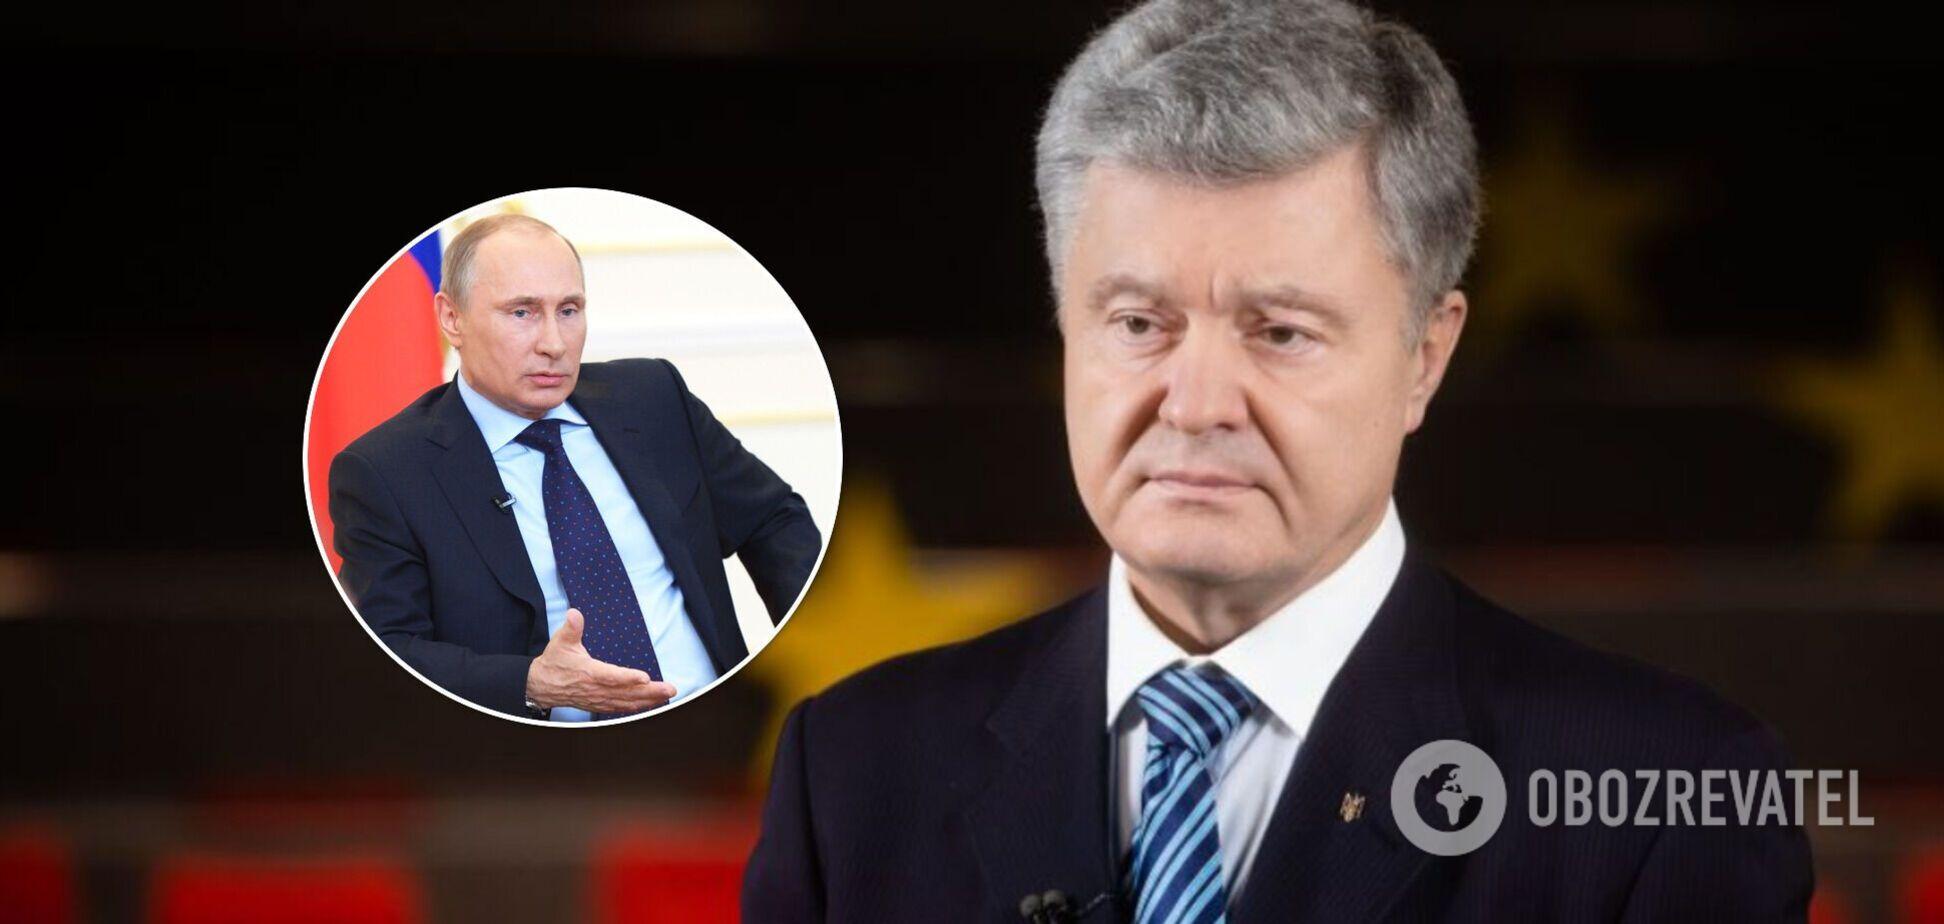 Порошенко: Путін, відчепись від України, виведи своїх бандитів